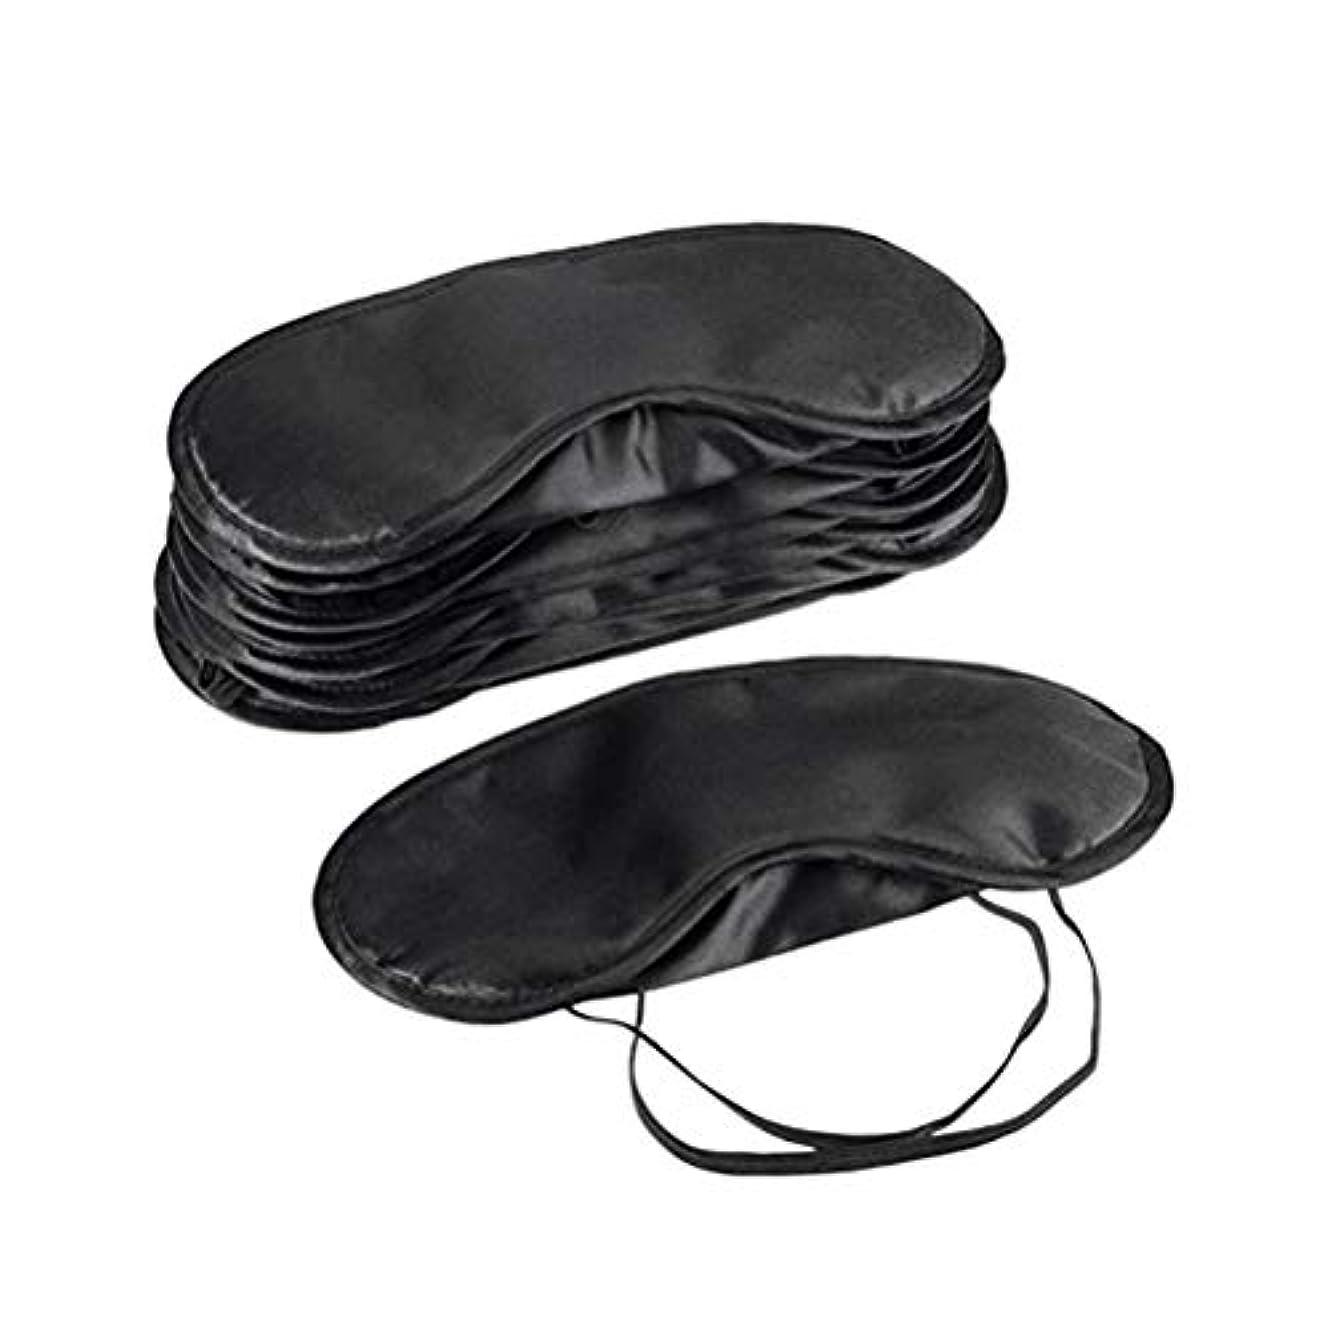 意図計画不調和Beaupretty 30ピースポリエステル睡眠アイマスク目隠しシェーディングアイパッチ軽量で快適なアイマスクアイプロテクション用航空トレーニング(ブラック)